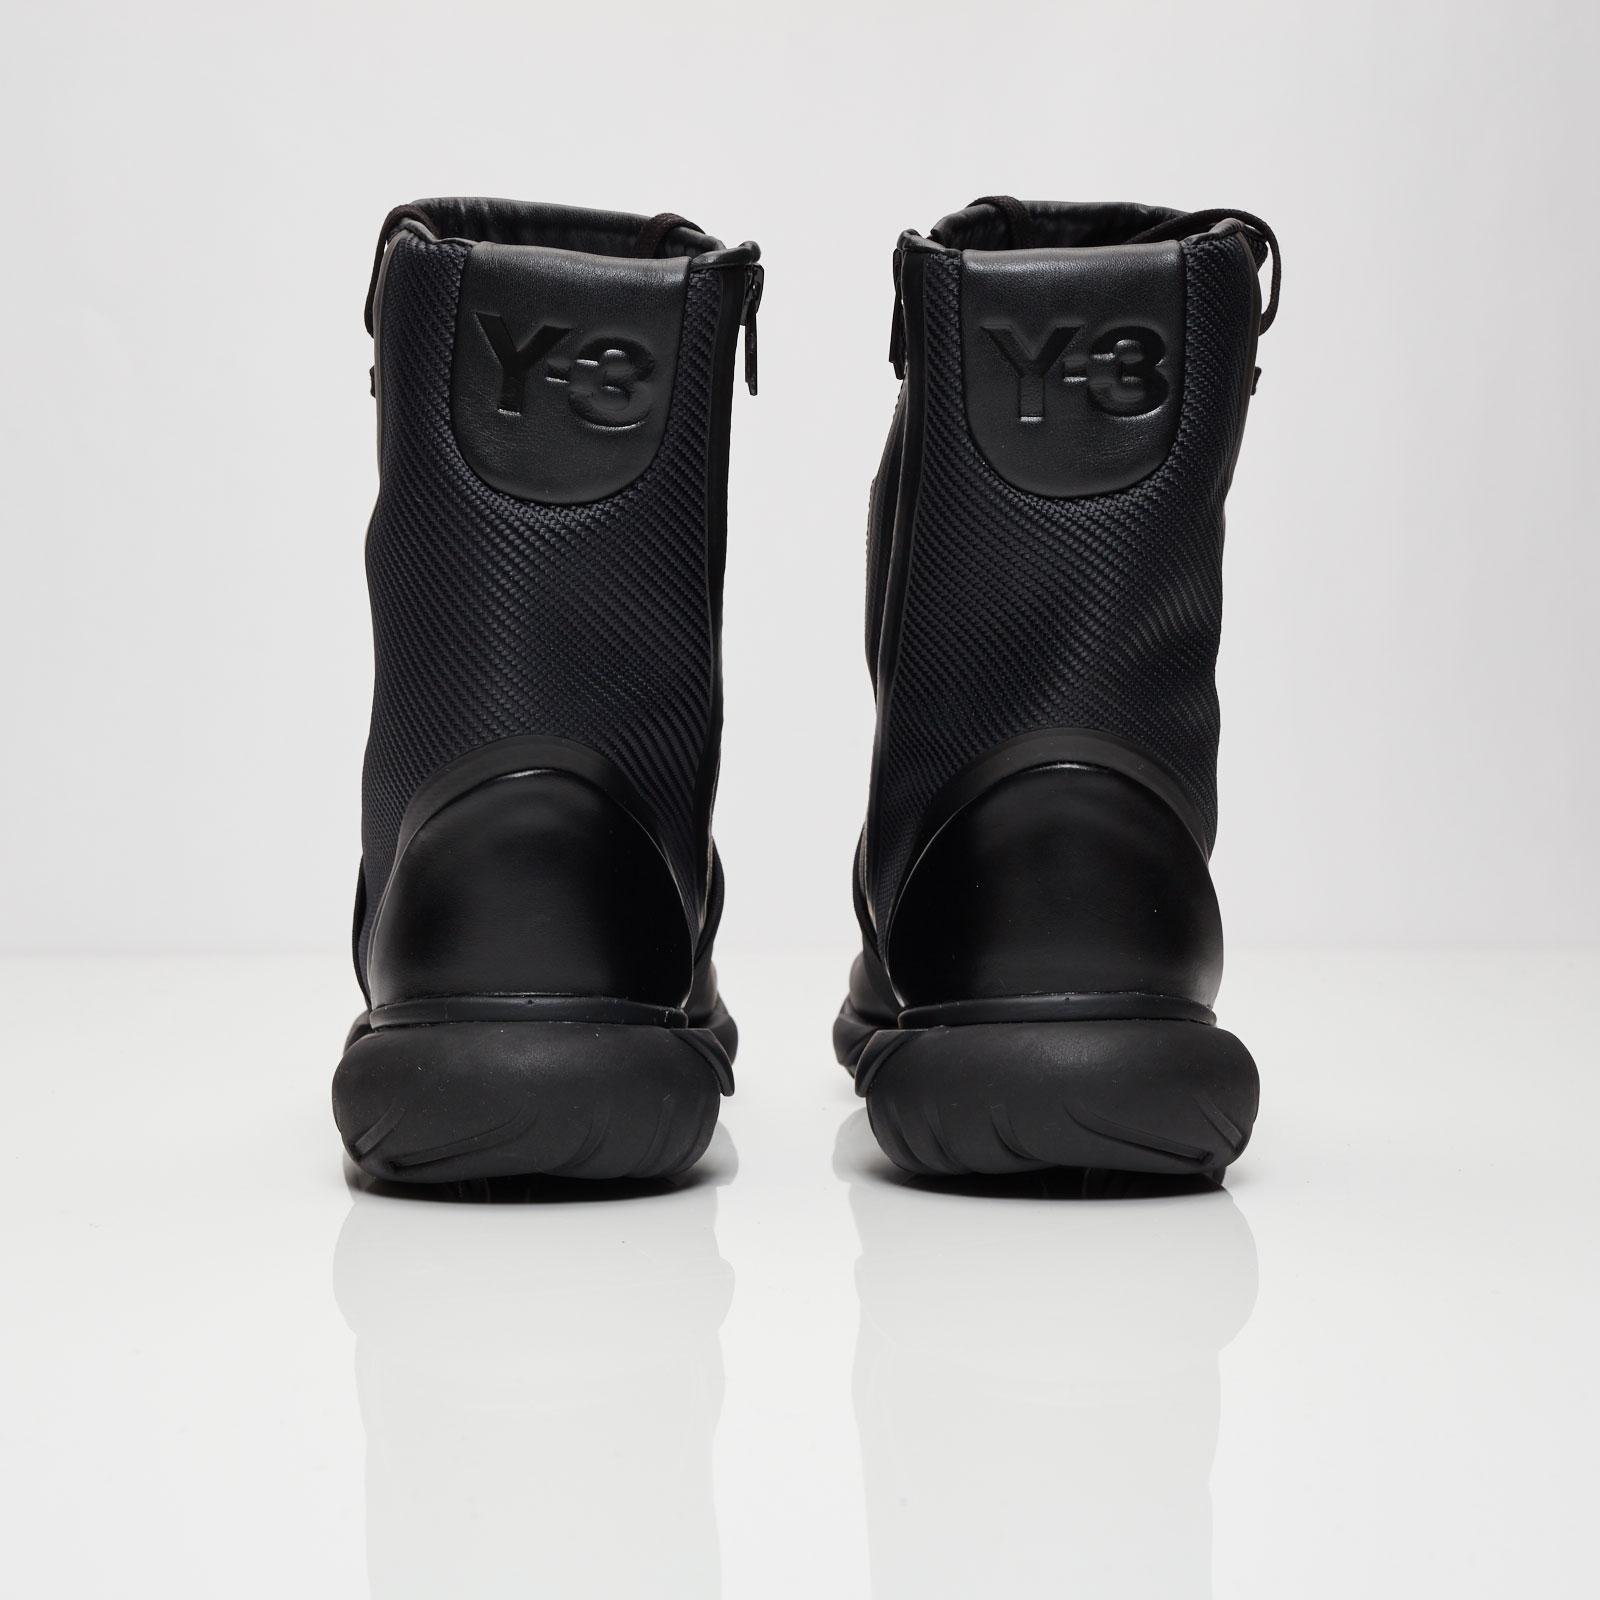 """cad1729b56bb9 ... """"Triple Black""""  sneaker ... adidas Y-3 Qasa Boot .. ..."""